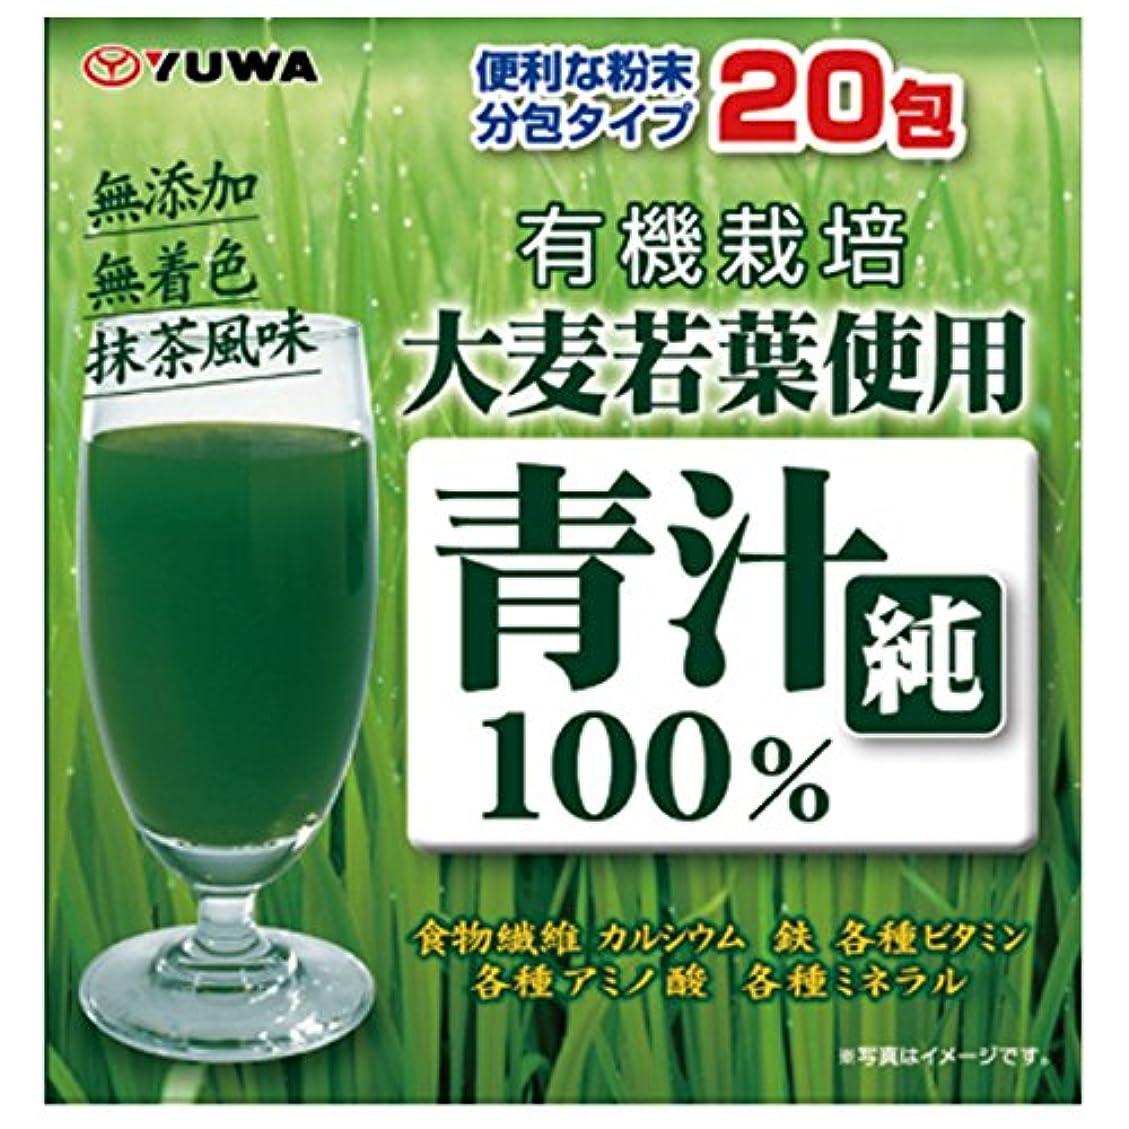 ラビリンス冗談で強調するユーワ 大麦若葉青汁純100% 20包